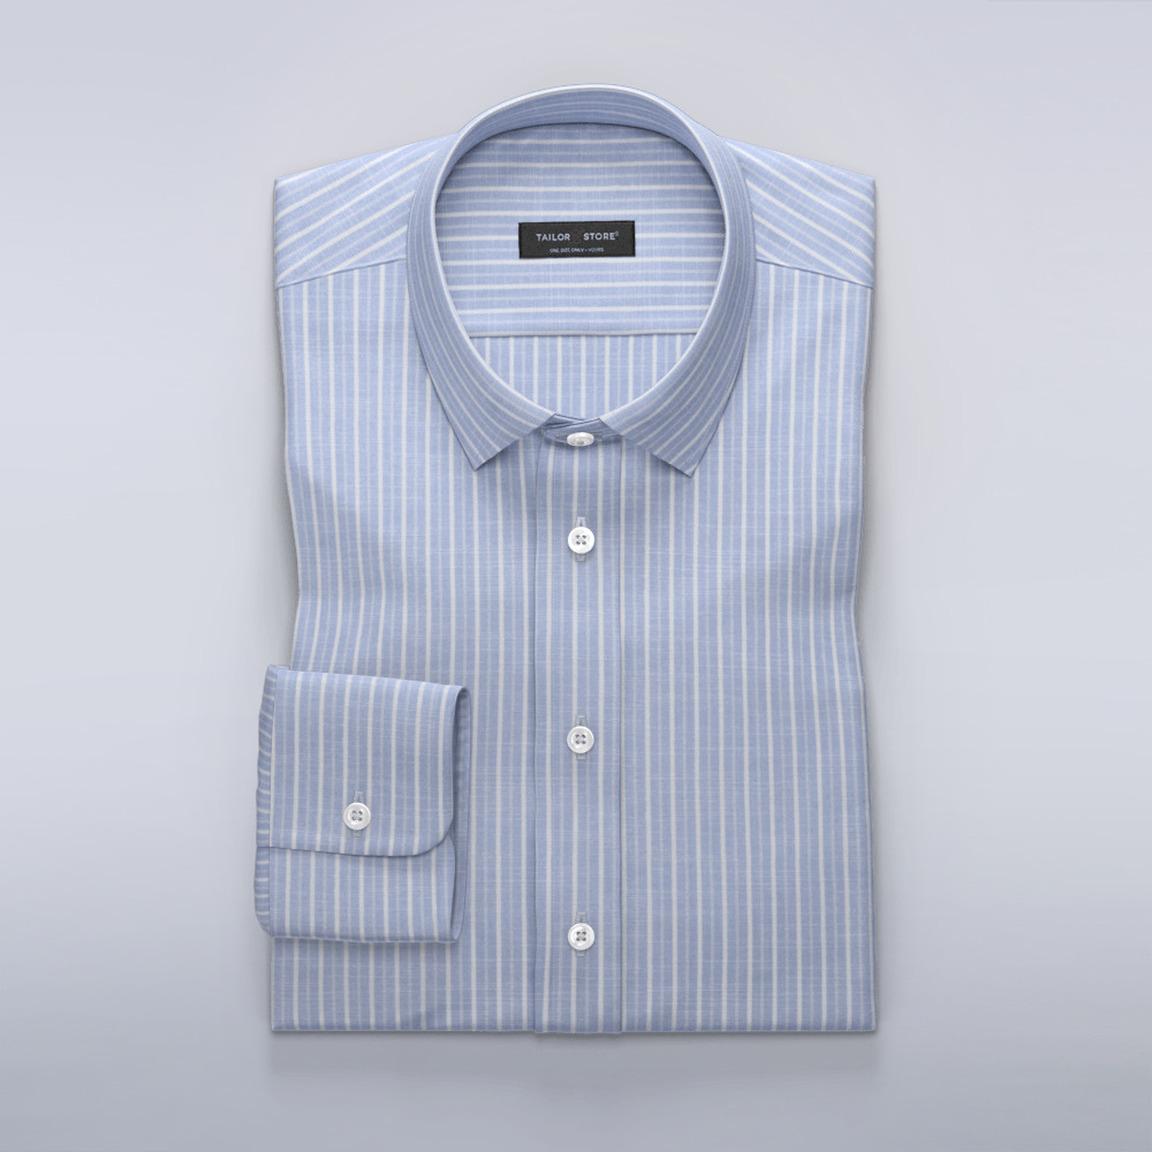 Luftig, ljusblå skjorta med vita ränder